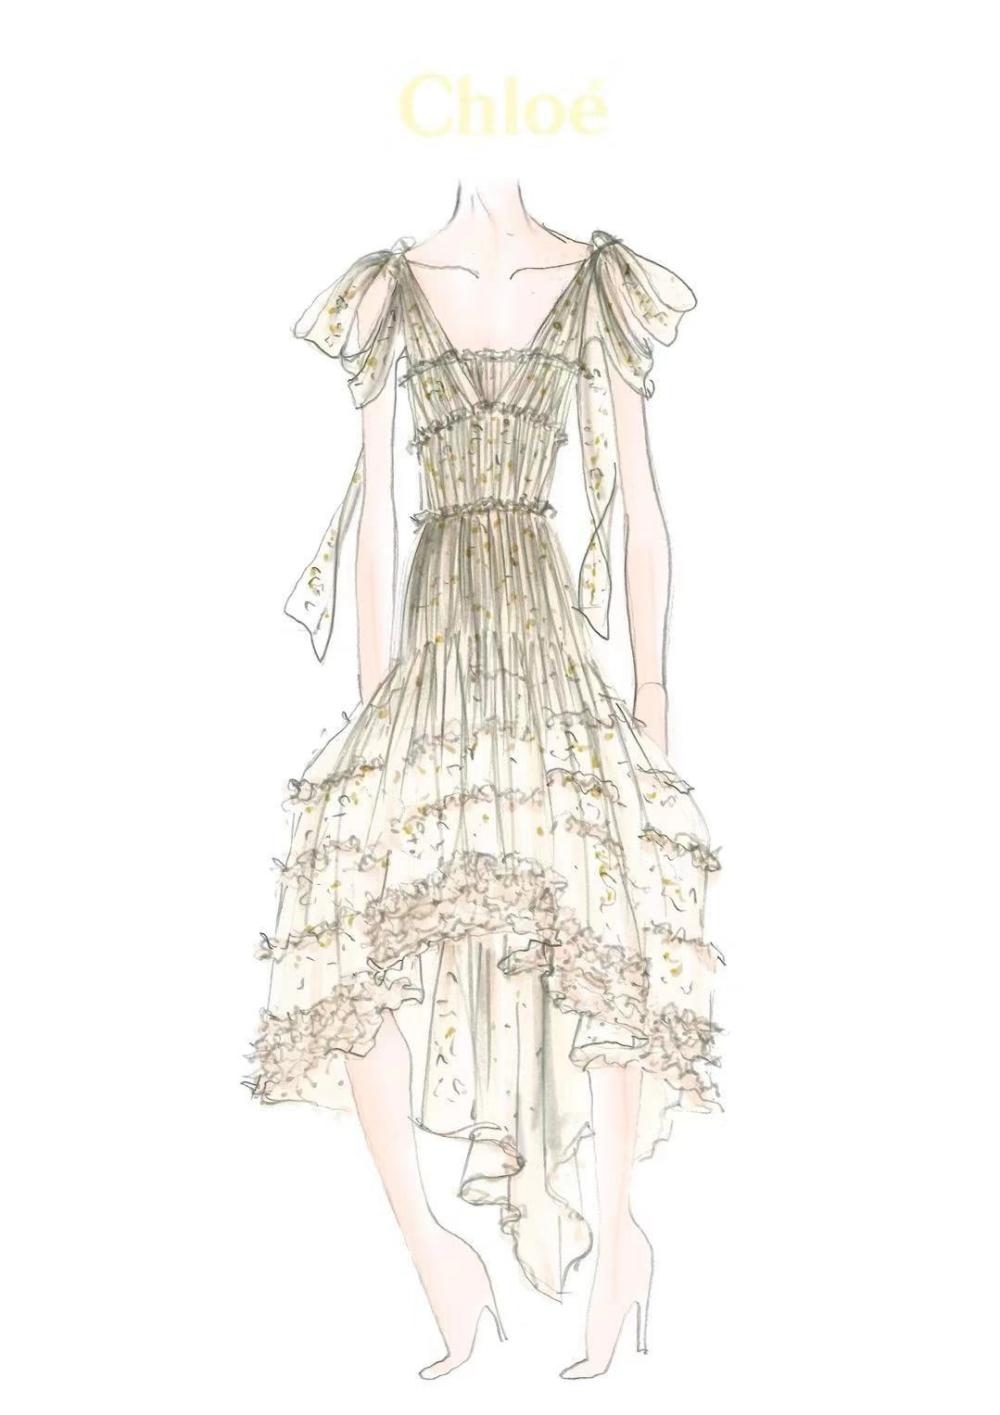 最甜新娘唐嫣化身Chloé小公主,一襲象牙白薄紗禮服美到讓人屏息!